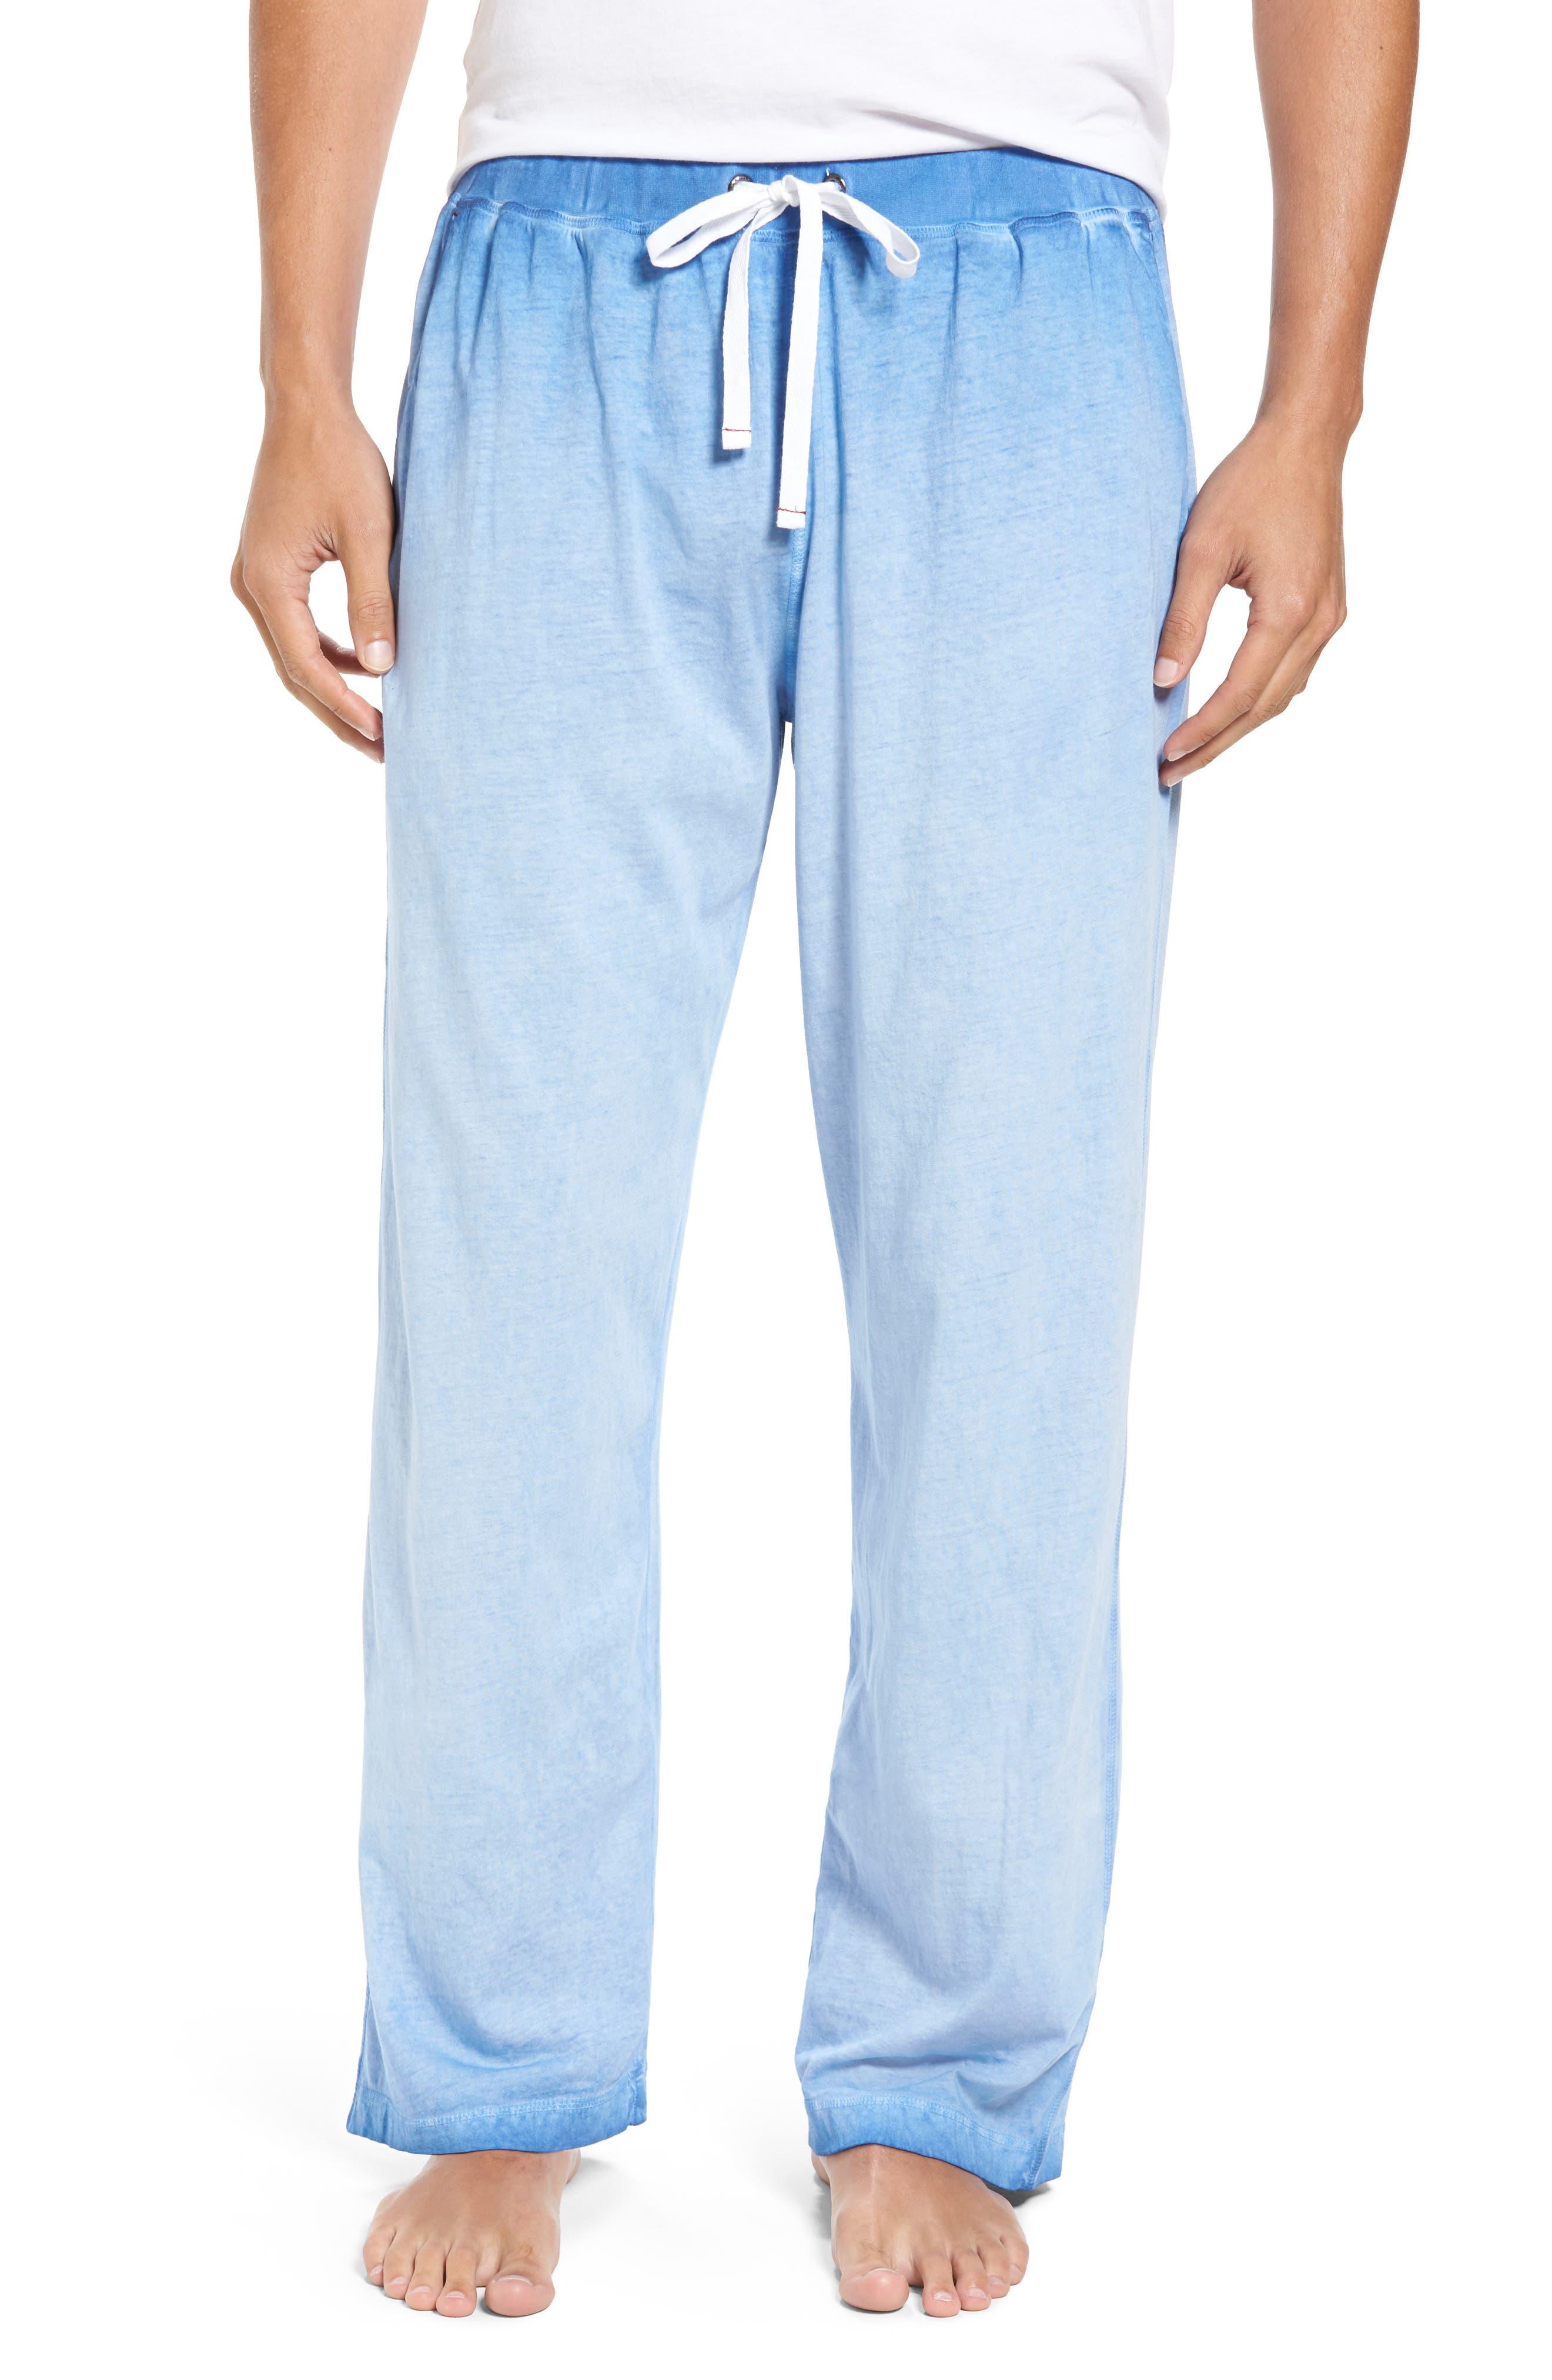 DANIEL BUCHLER Vintage Washed Lounge Pants